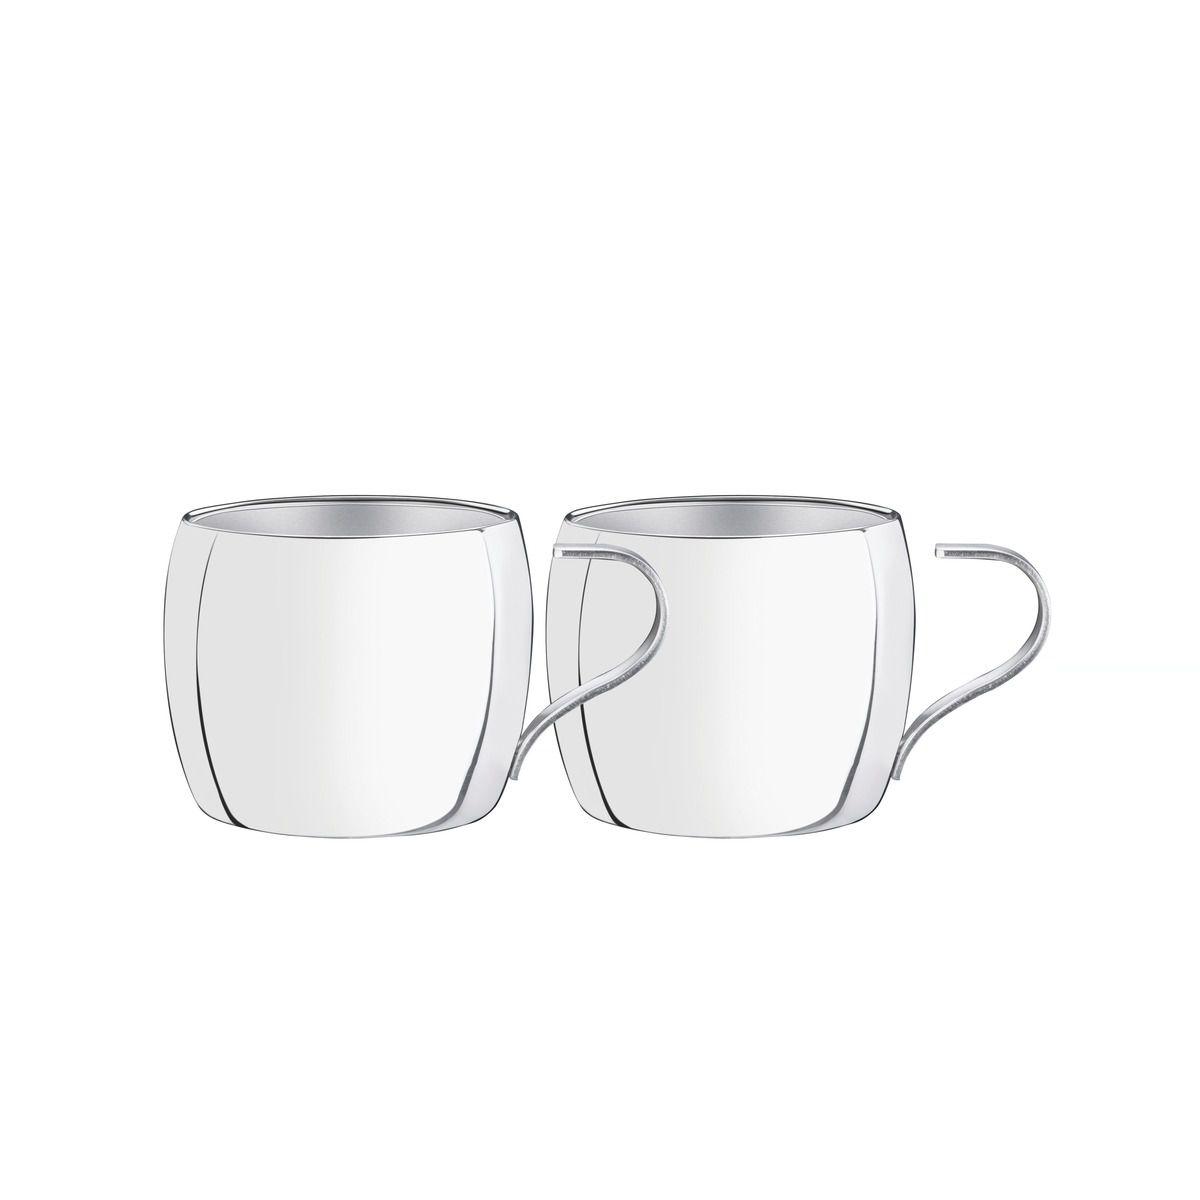 Conjunto De Xícaras Inox Tramontina Para Café Acabamento Brilho 2 Peças